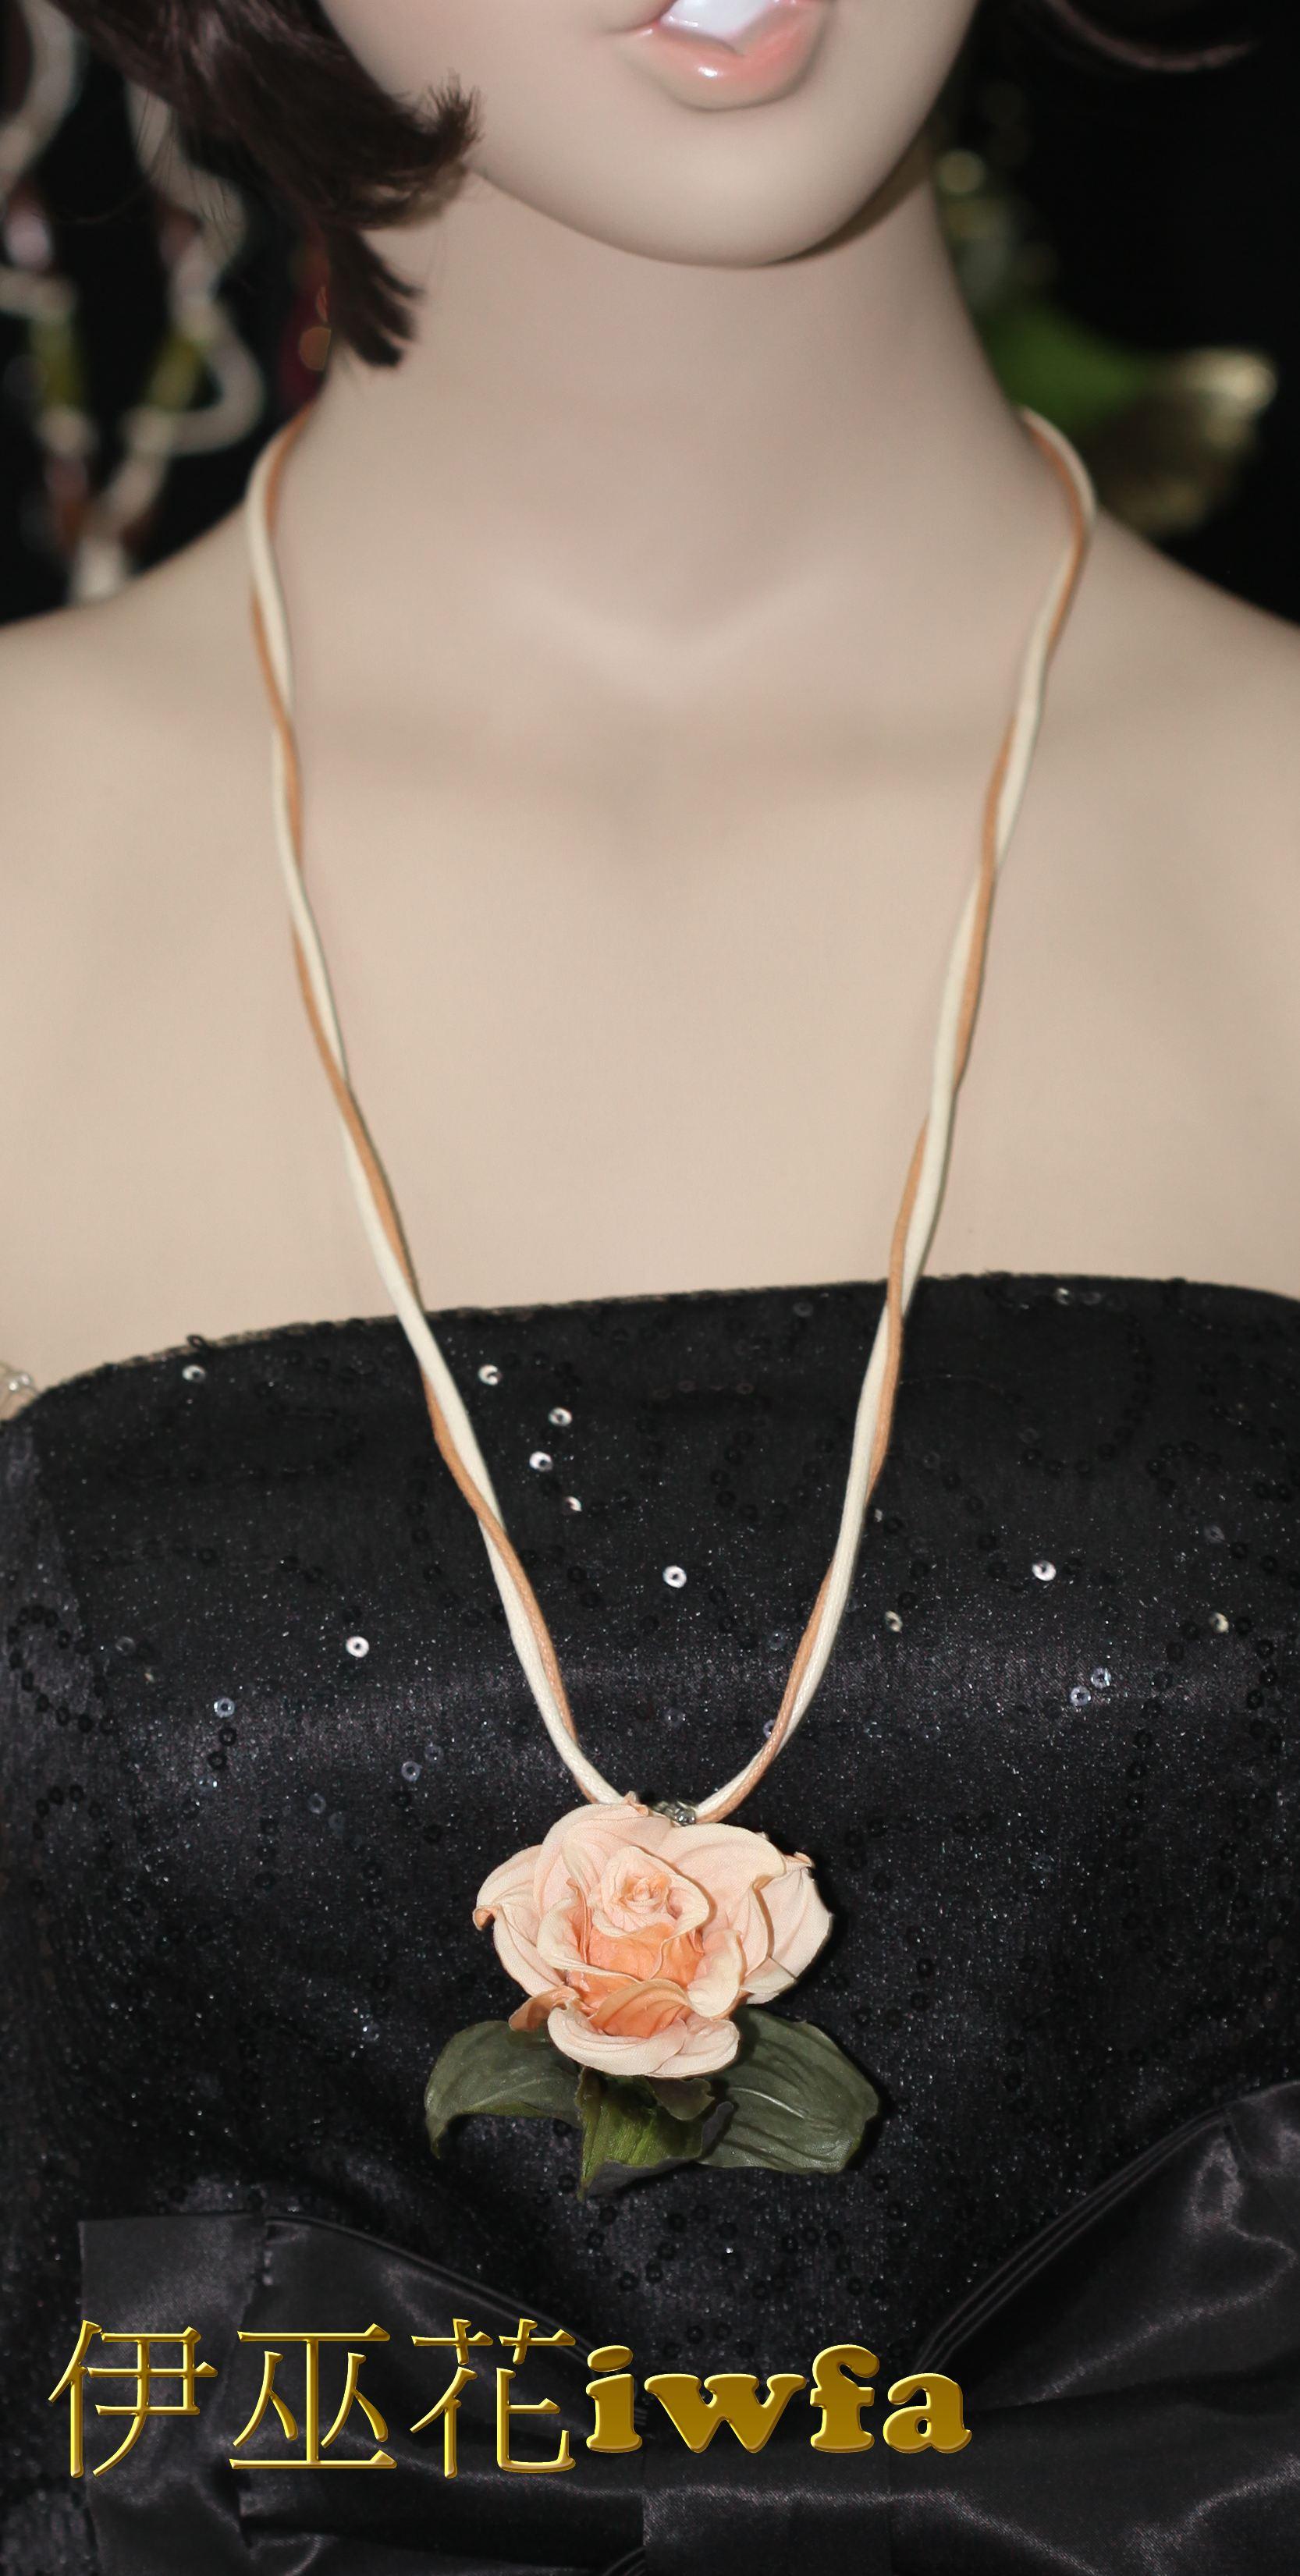 民俗風-藤蔓上的玫瑰花--可可色